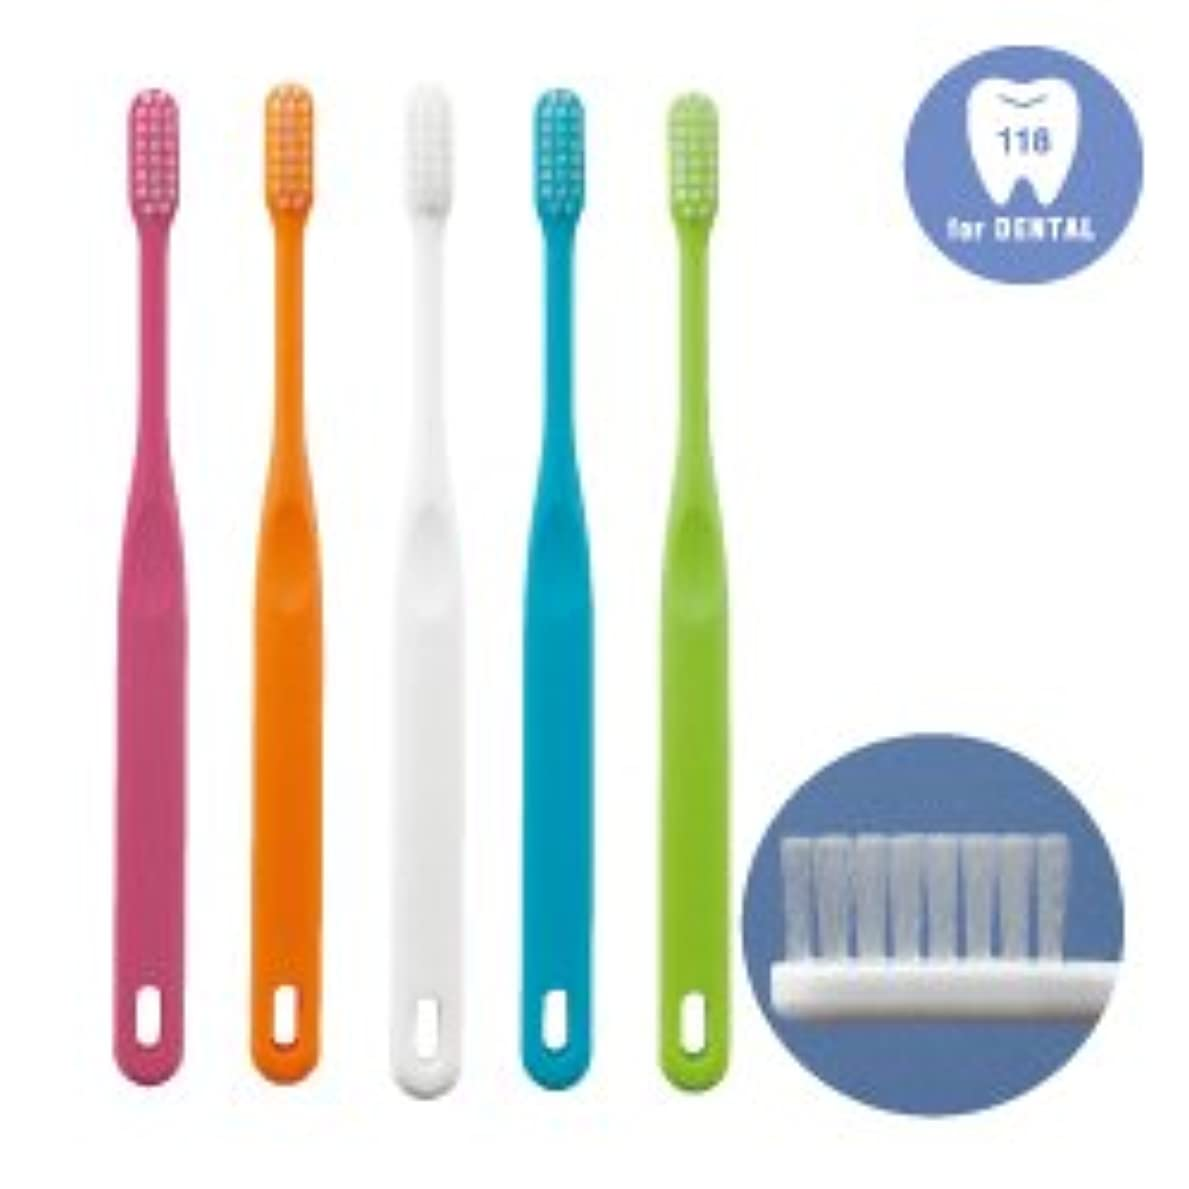 スラッシュ観客モート歯科専用歯ブラシ「118シリーズ」Advance(アドバンス)M(ふつう)25本